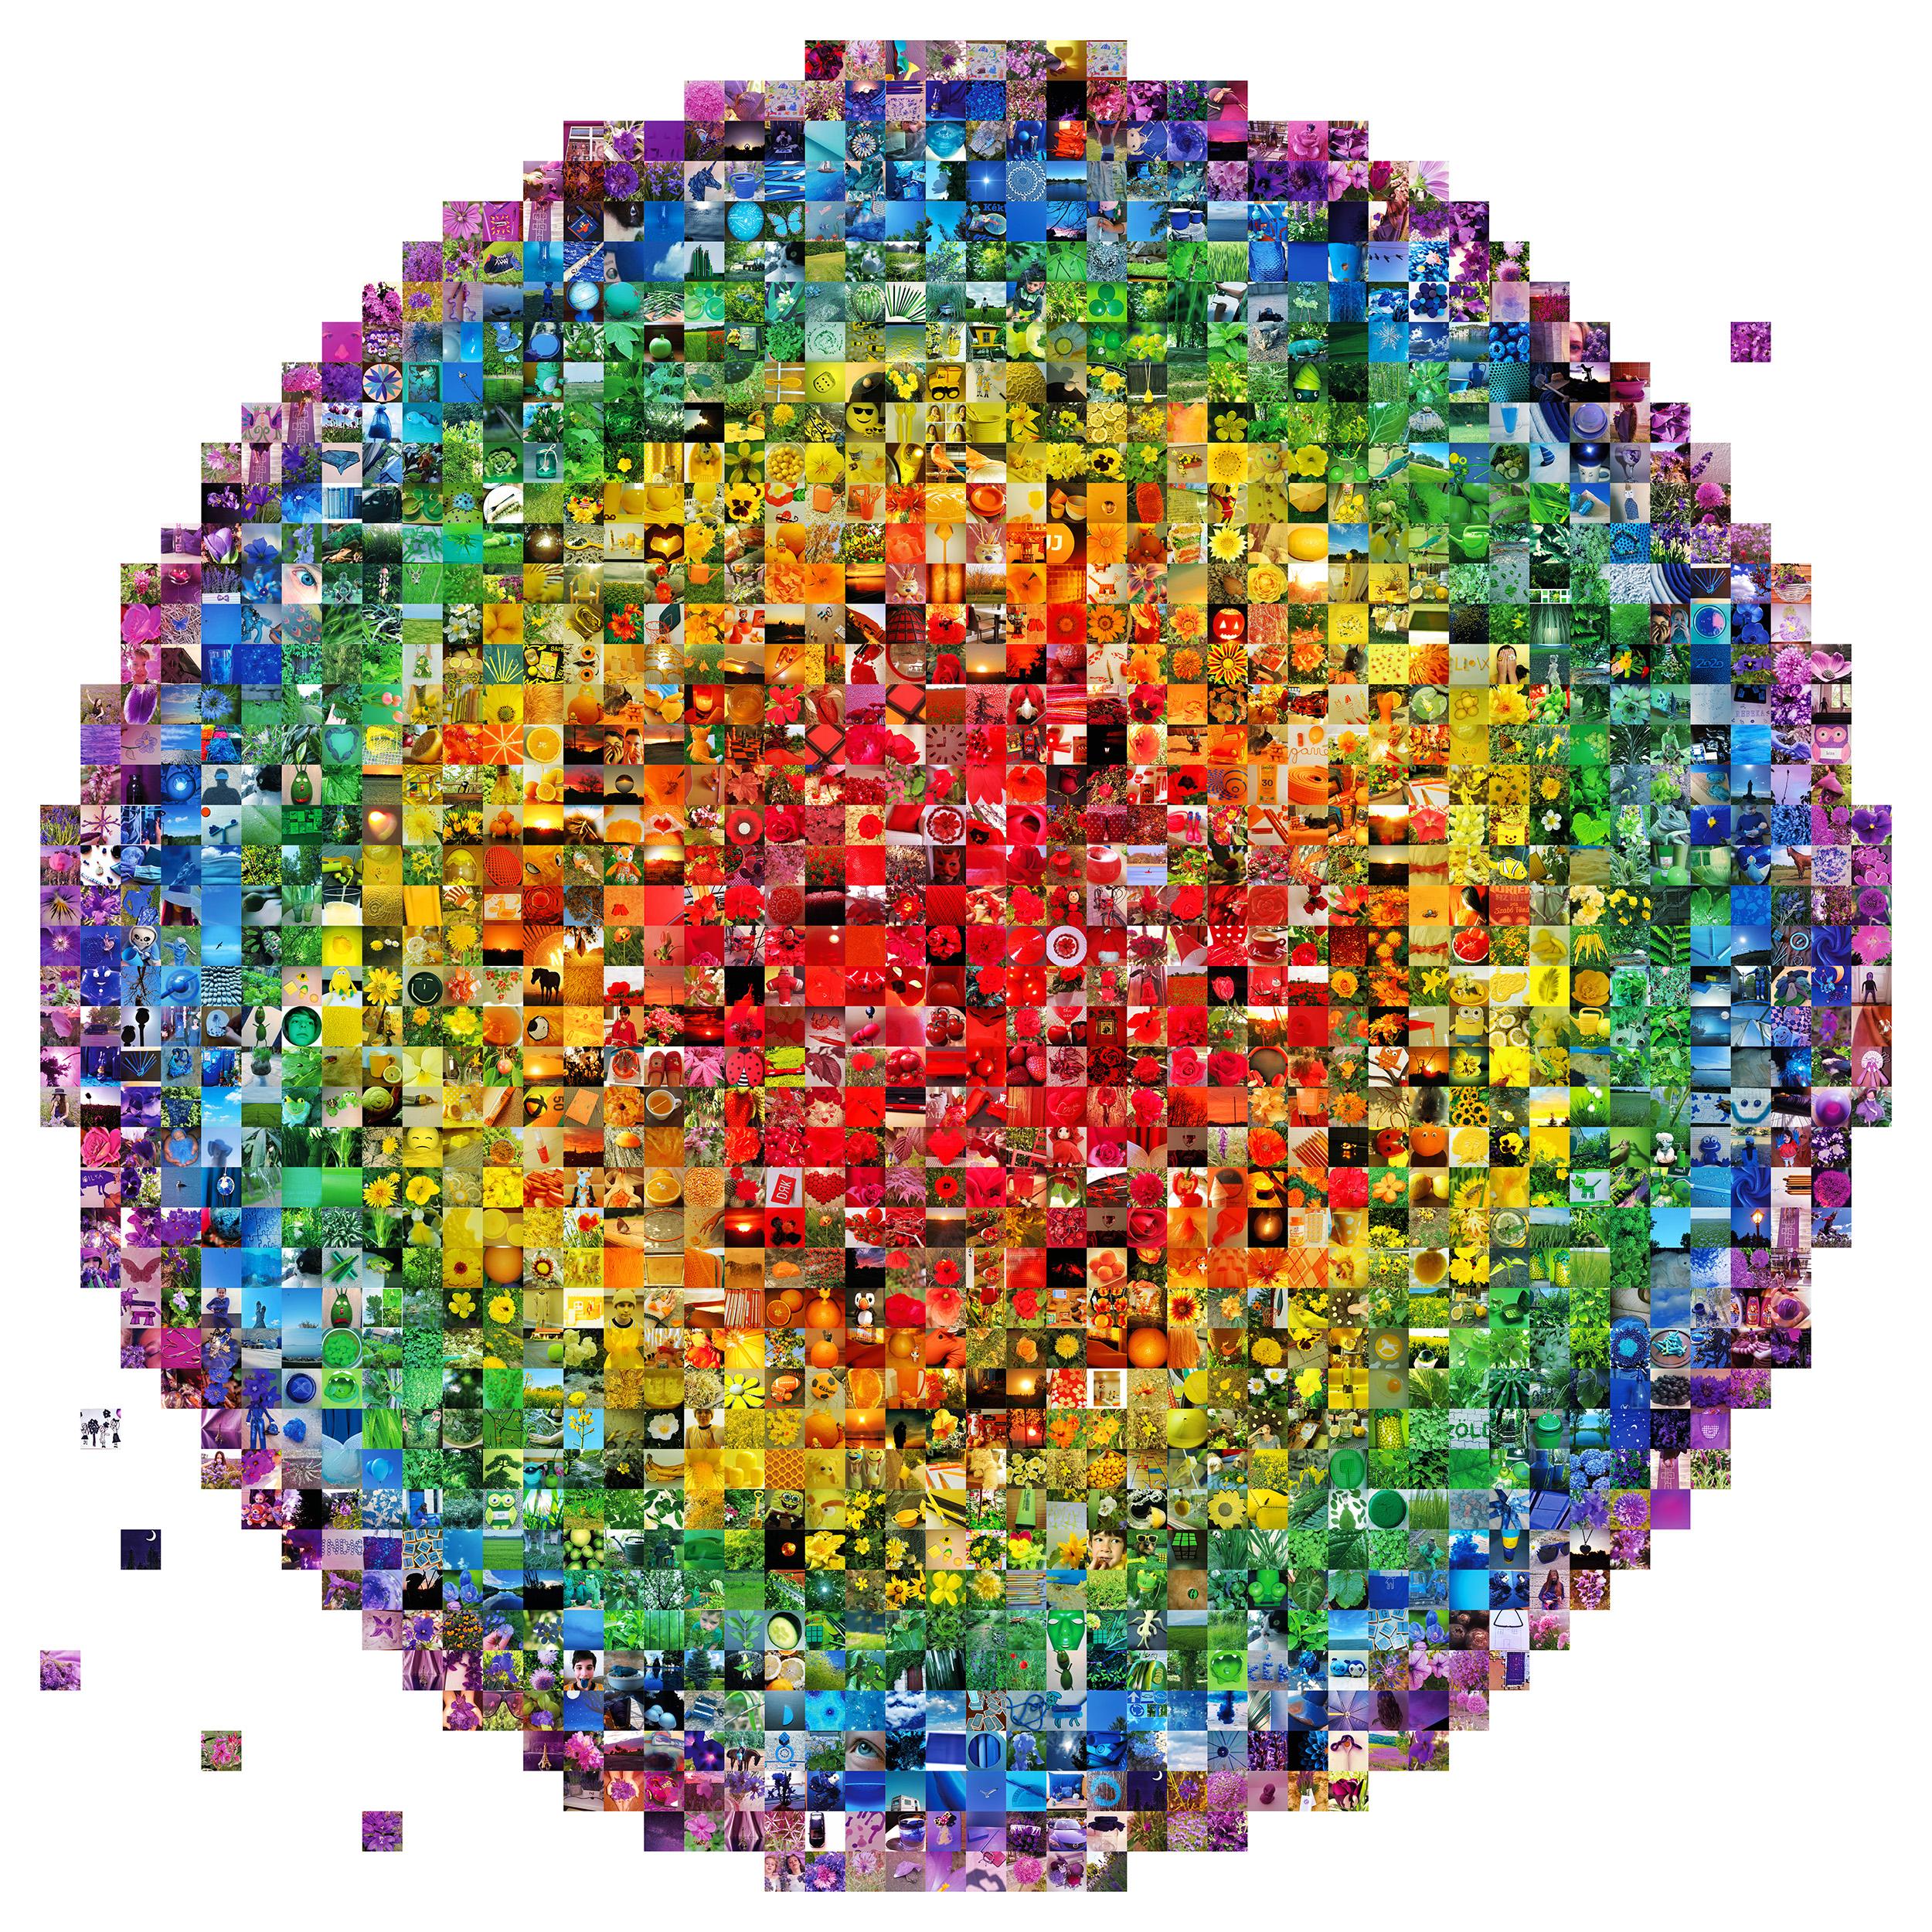 szinkep_mozaik2020.jpg